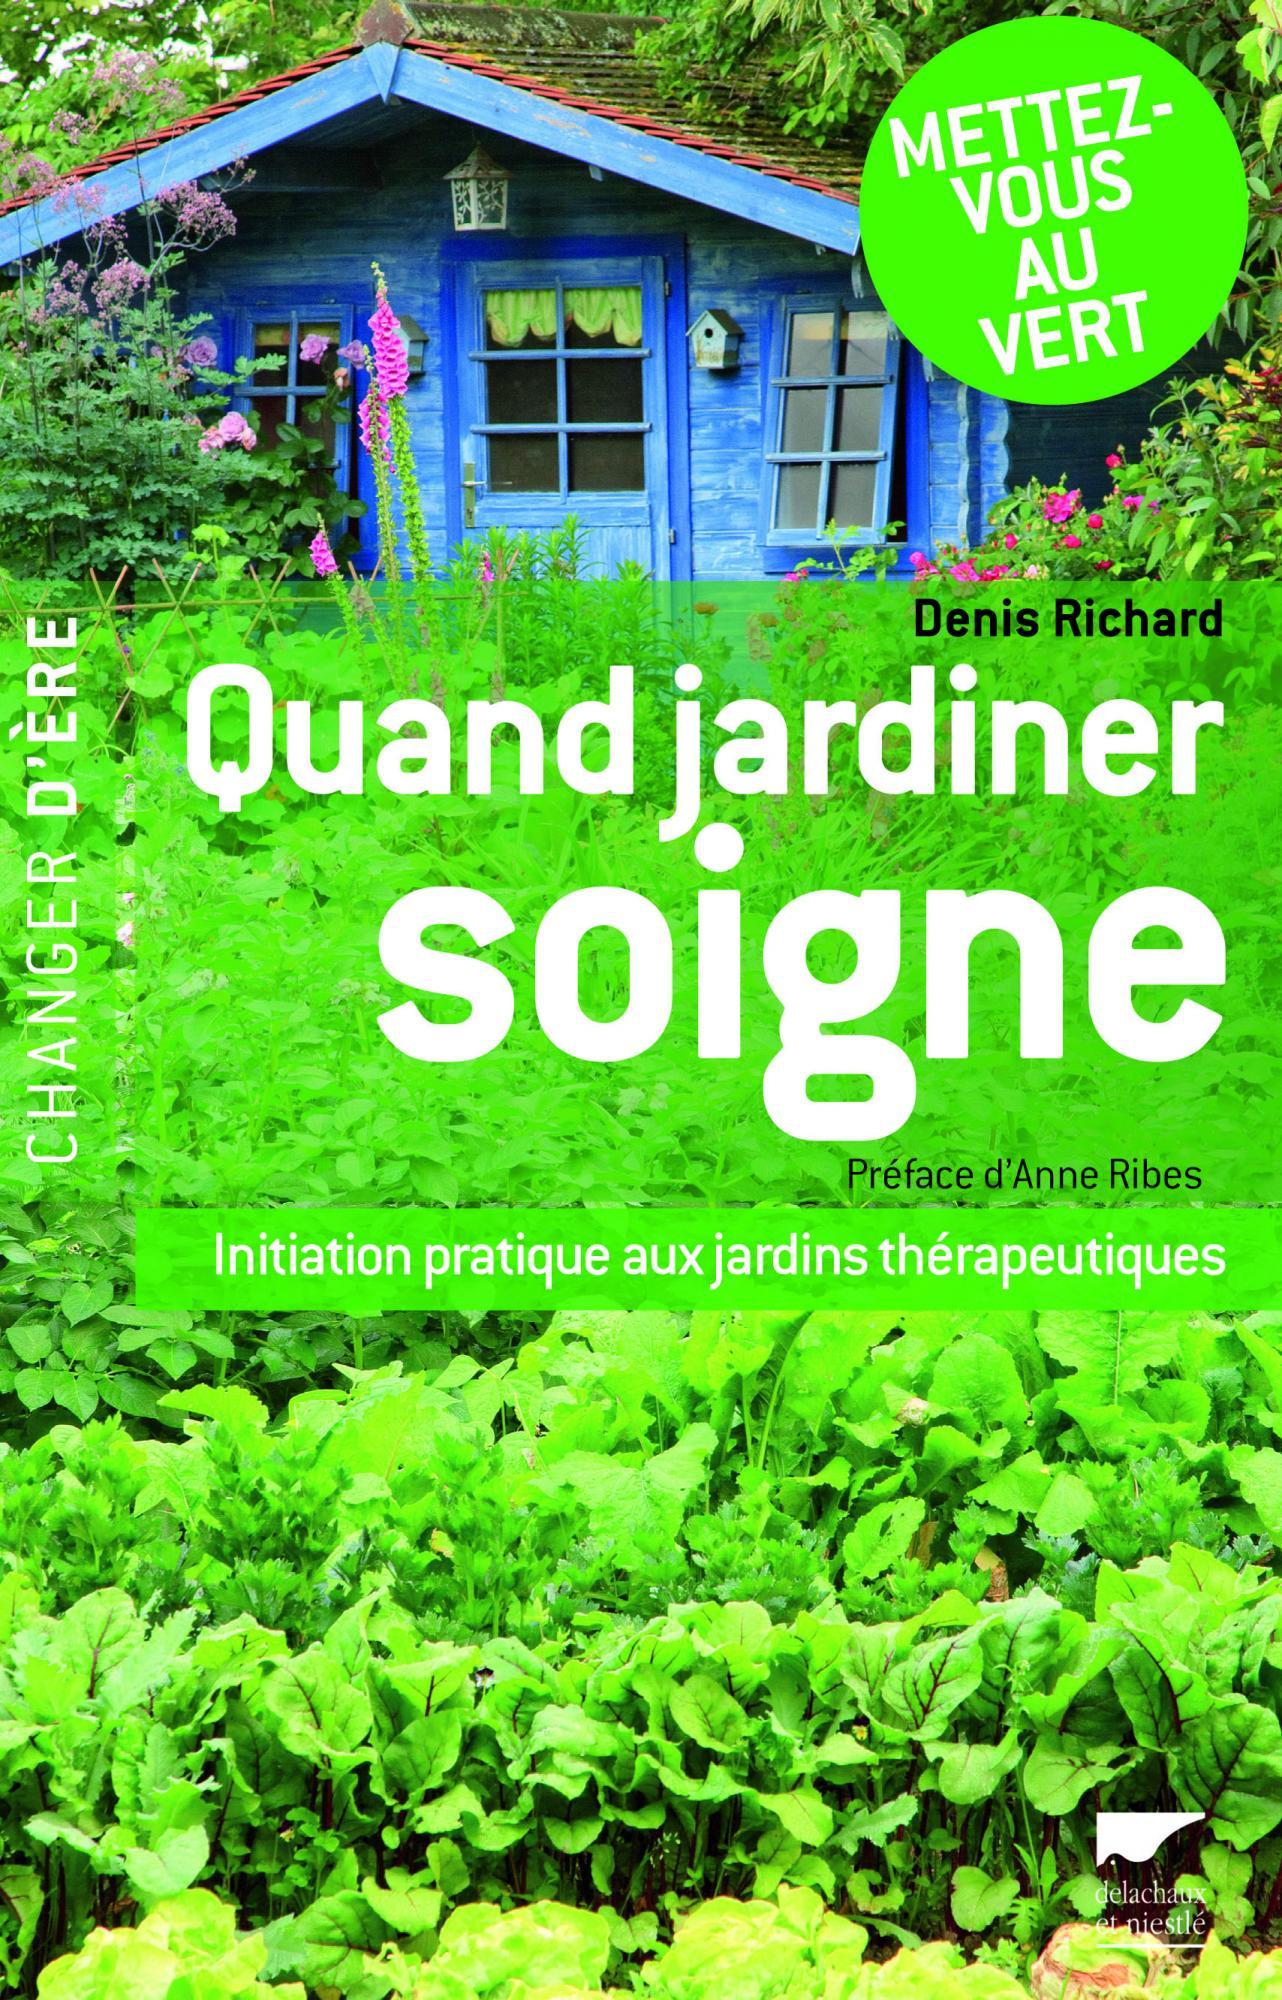 Quand jardiner soigne Denis Richard